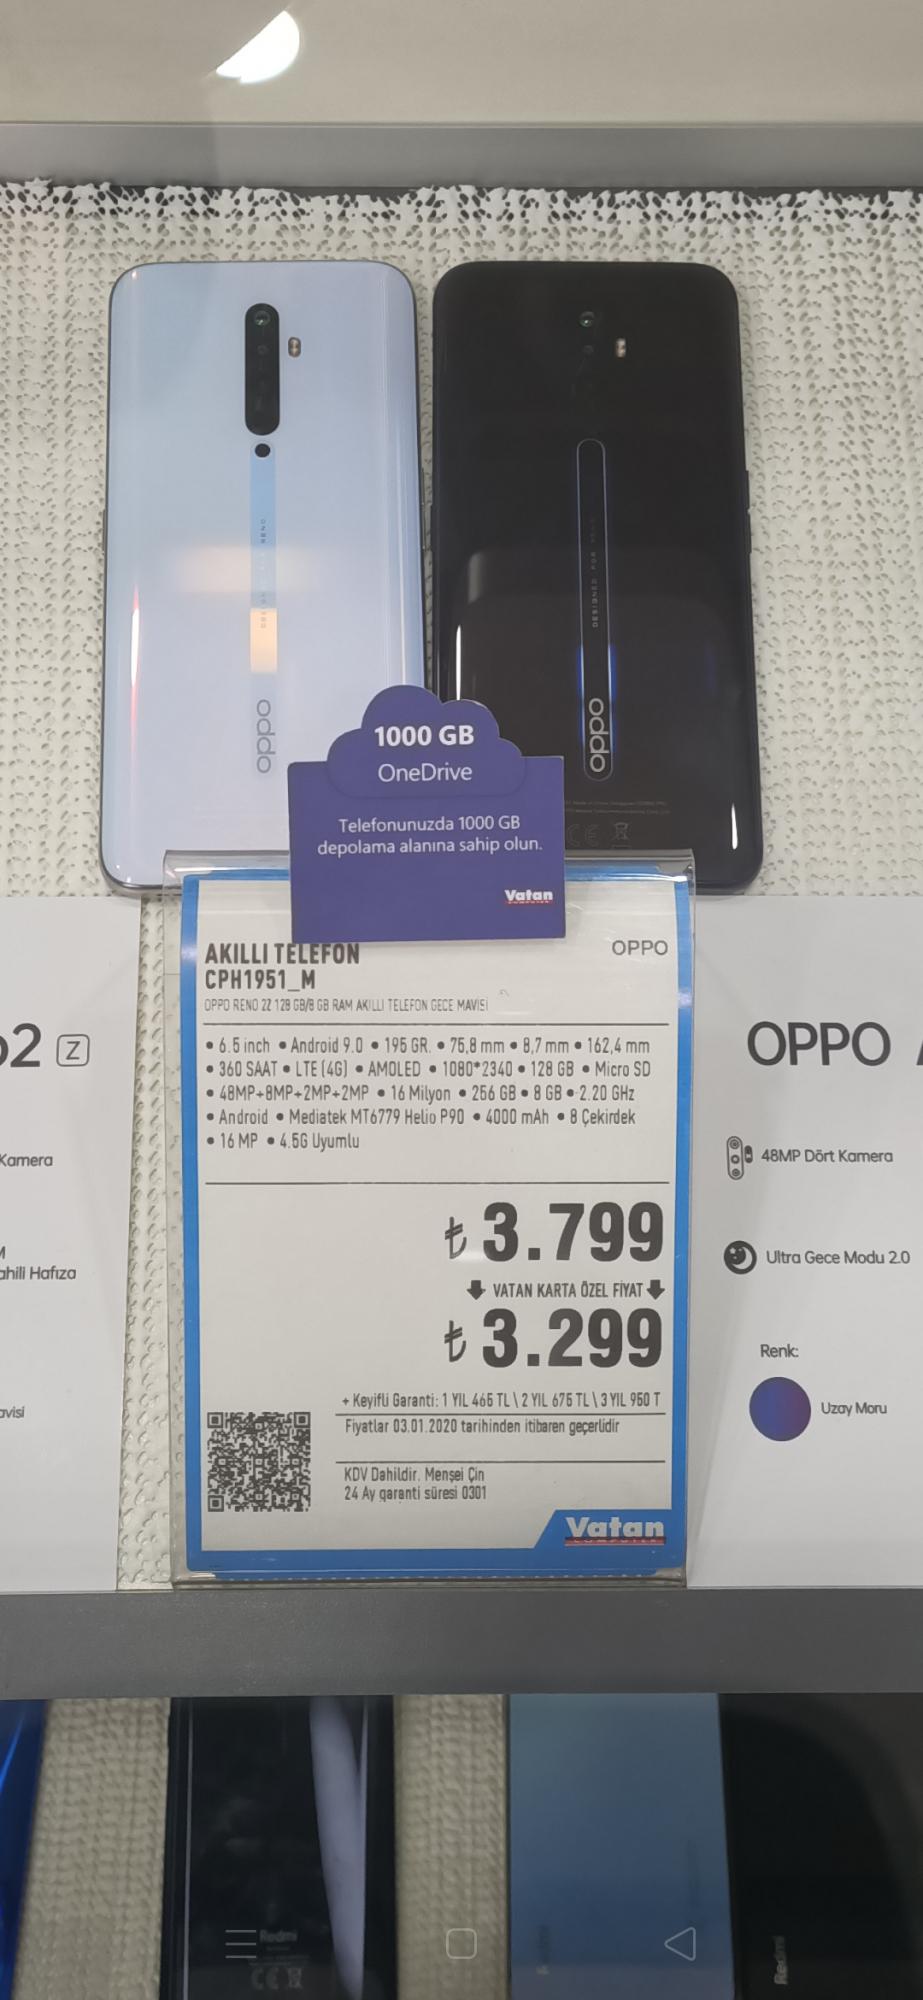 Vatan Bilgisayar Telefon Fiyatları Şikayetleri - Şikayetvar